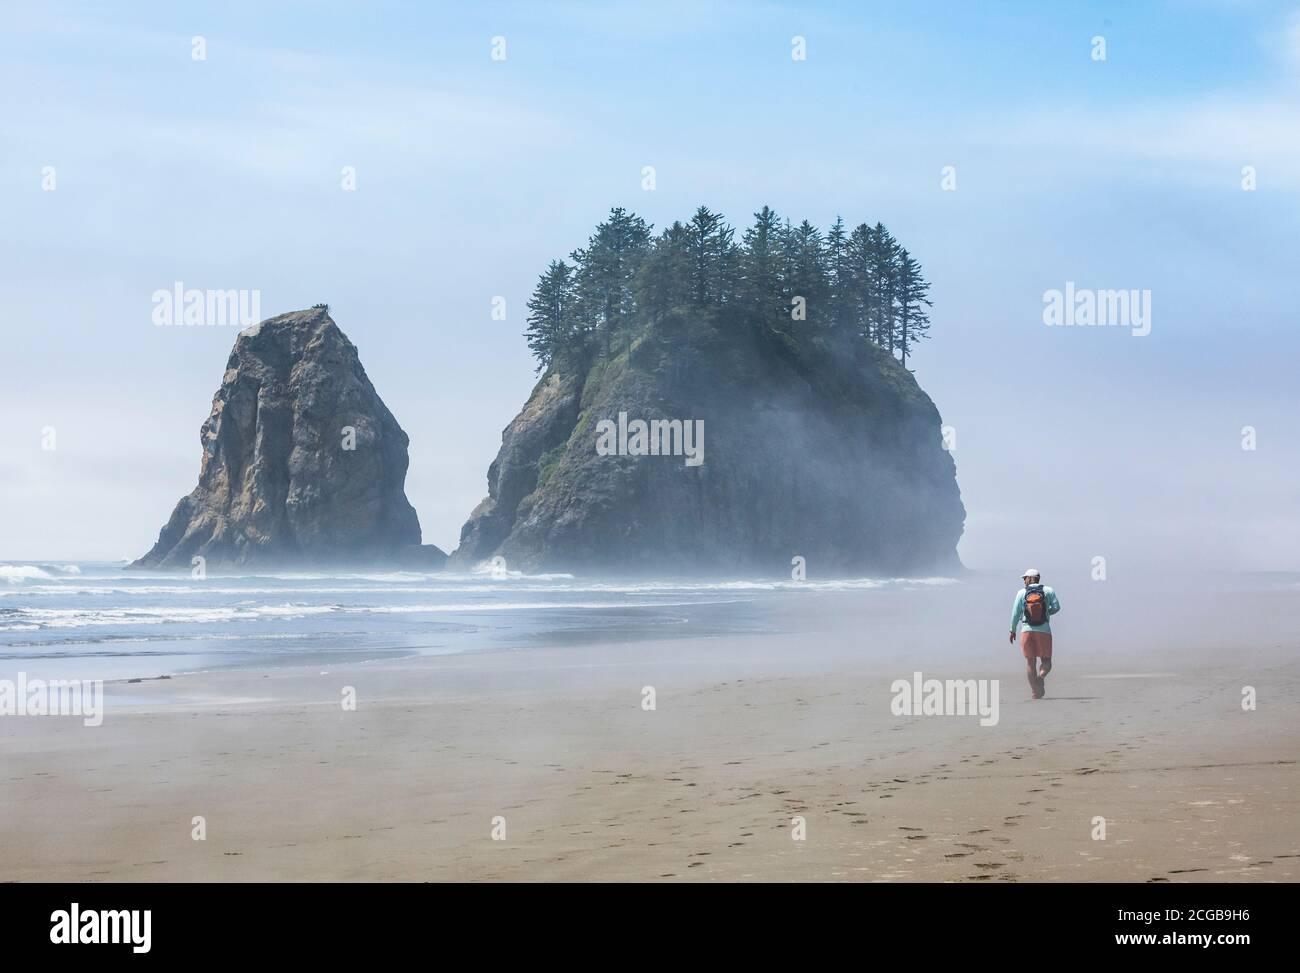 Un homme randonnée le long de 2nd Beach, Parc National Olympique Coastal Preserve, État de Washington, Etats-Unis. Banque D'Images